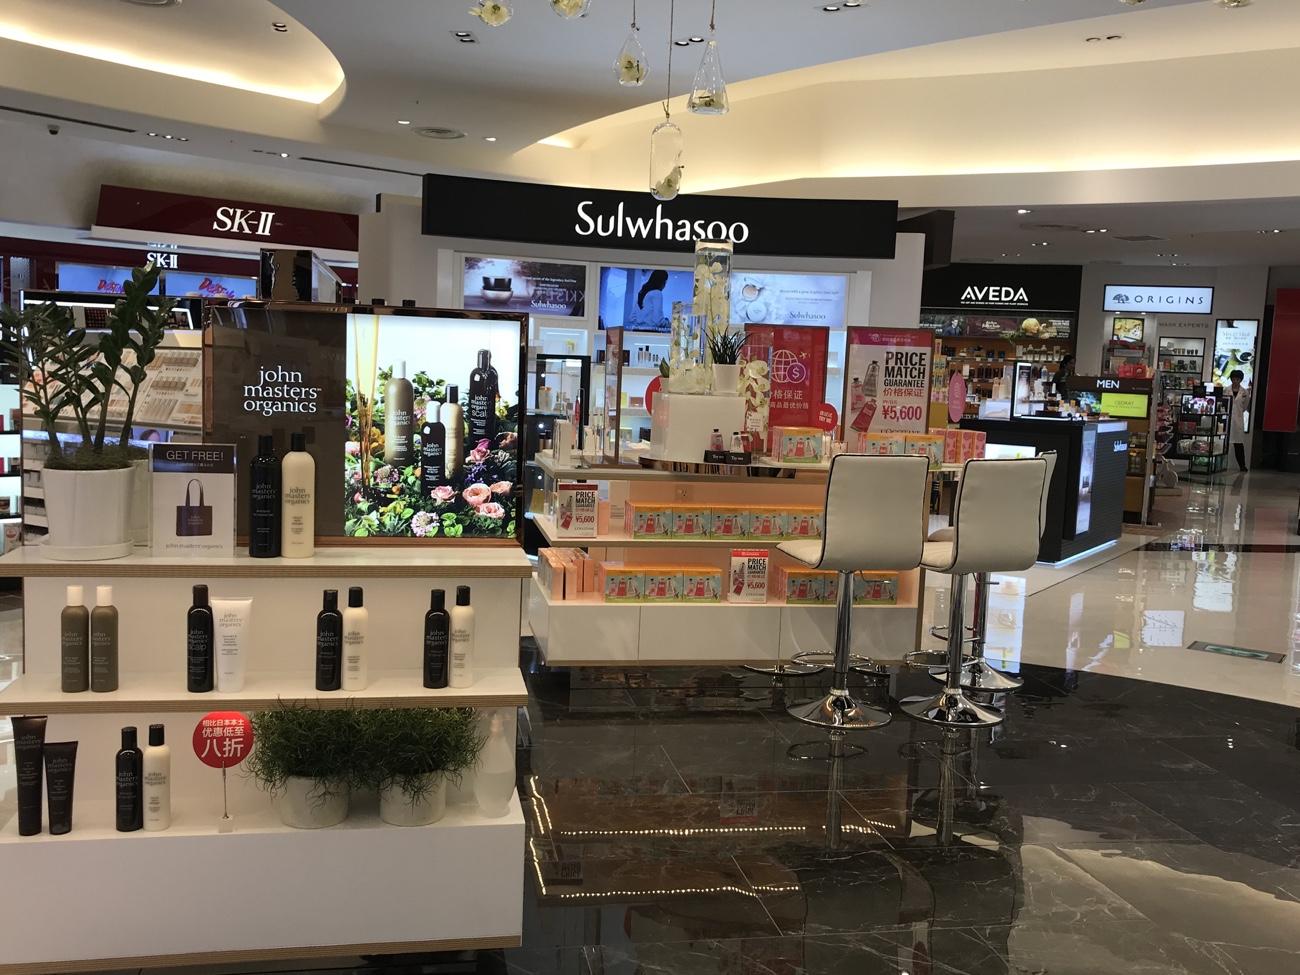 沖縄 免税店での化粧品買い物レポートブログ記事。